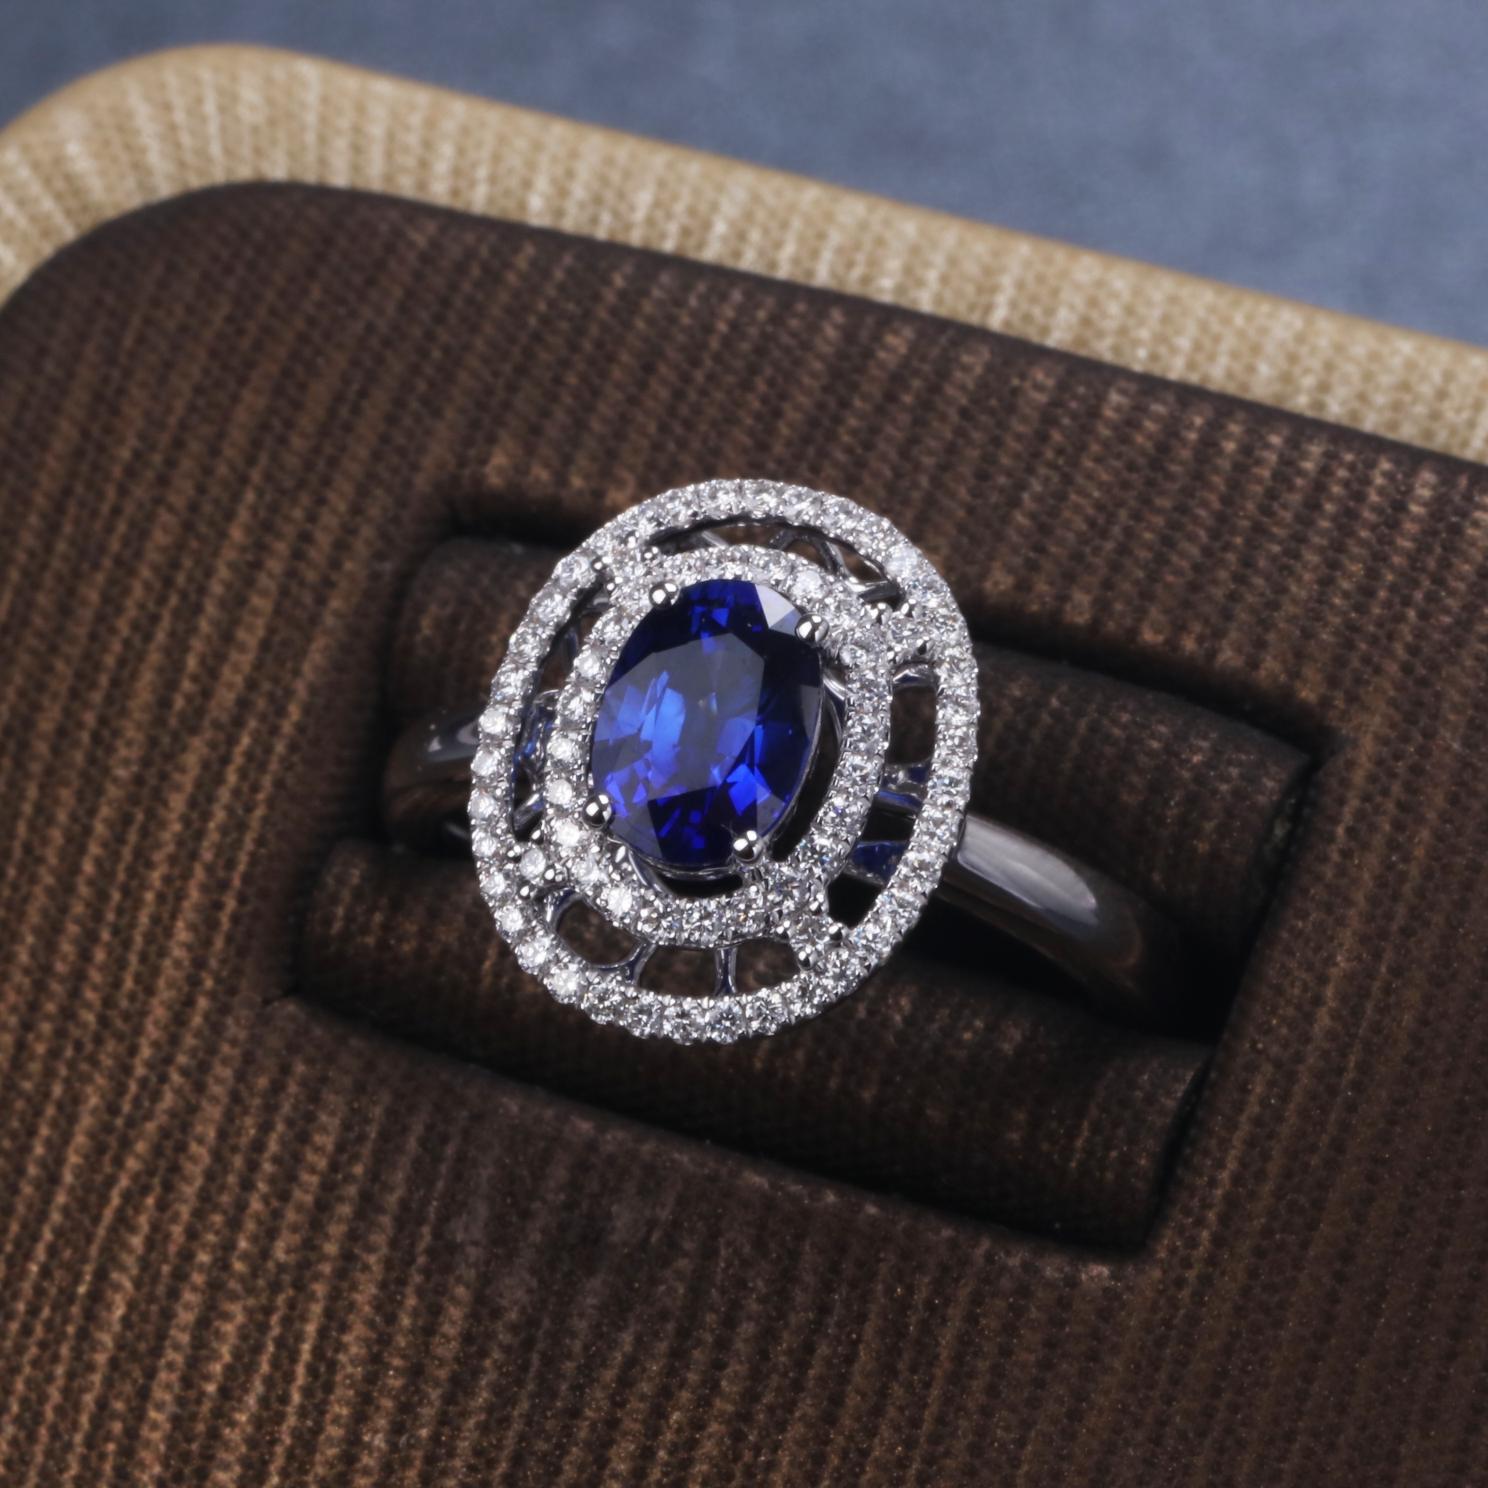 【戒指】18k金+蓝宝石+钻石  宝石颜色纯正 货重:3.80g  主石:1.14ct  手寸:14